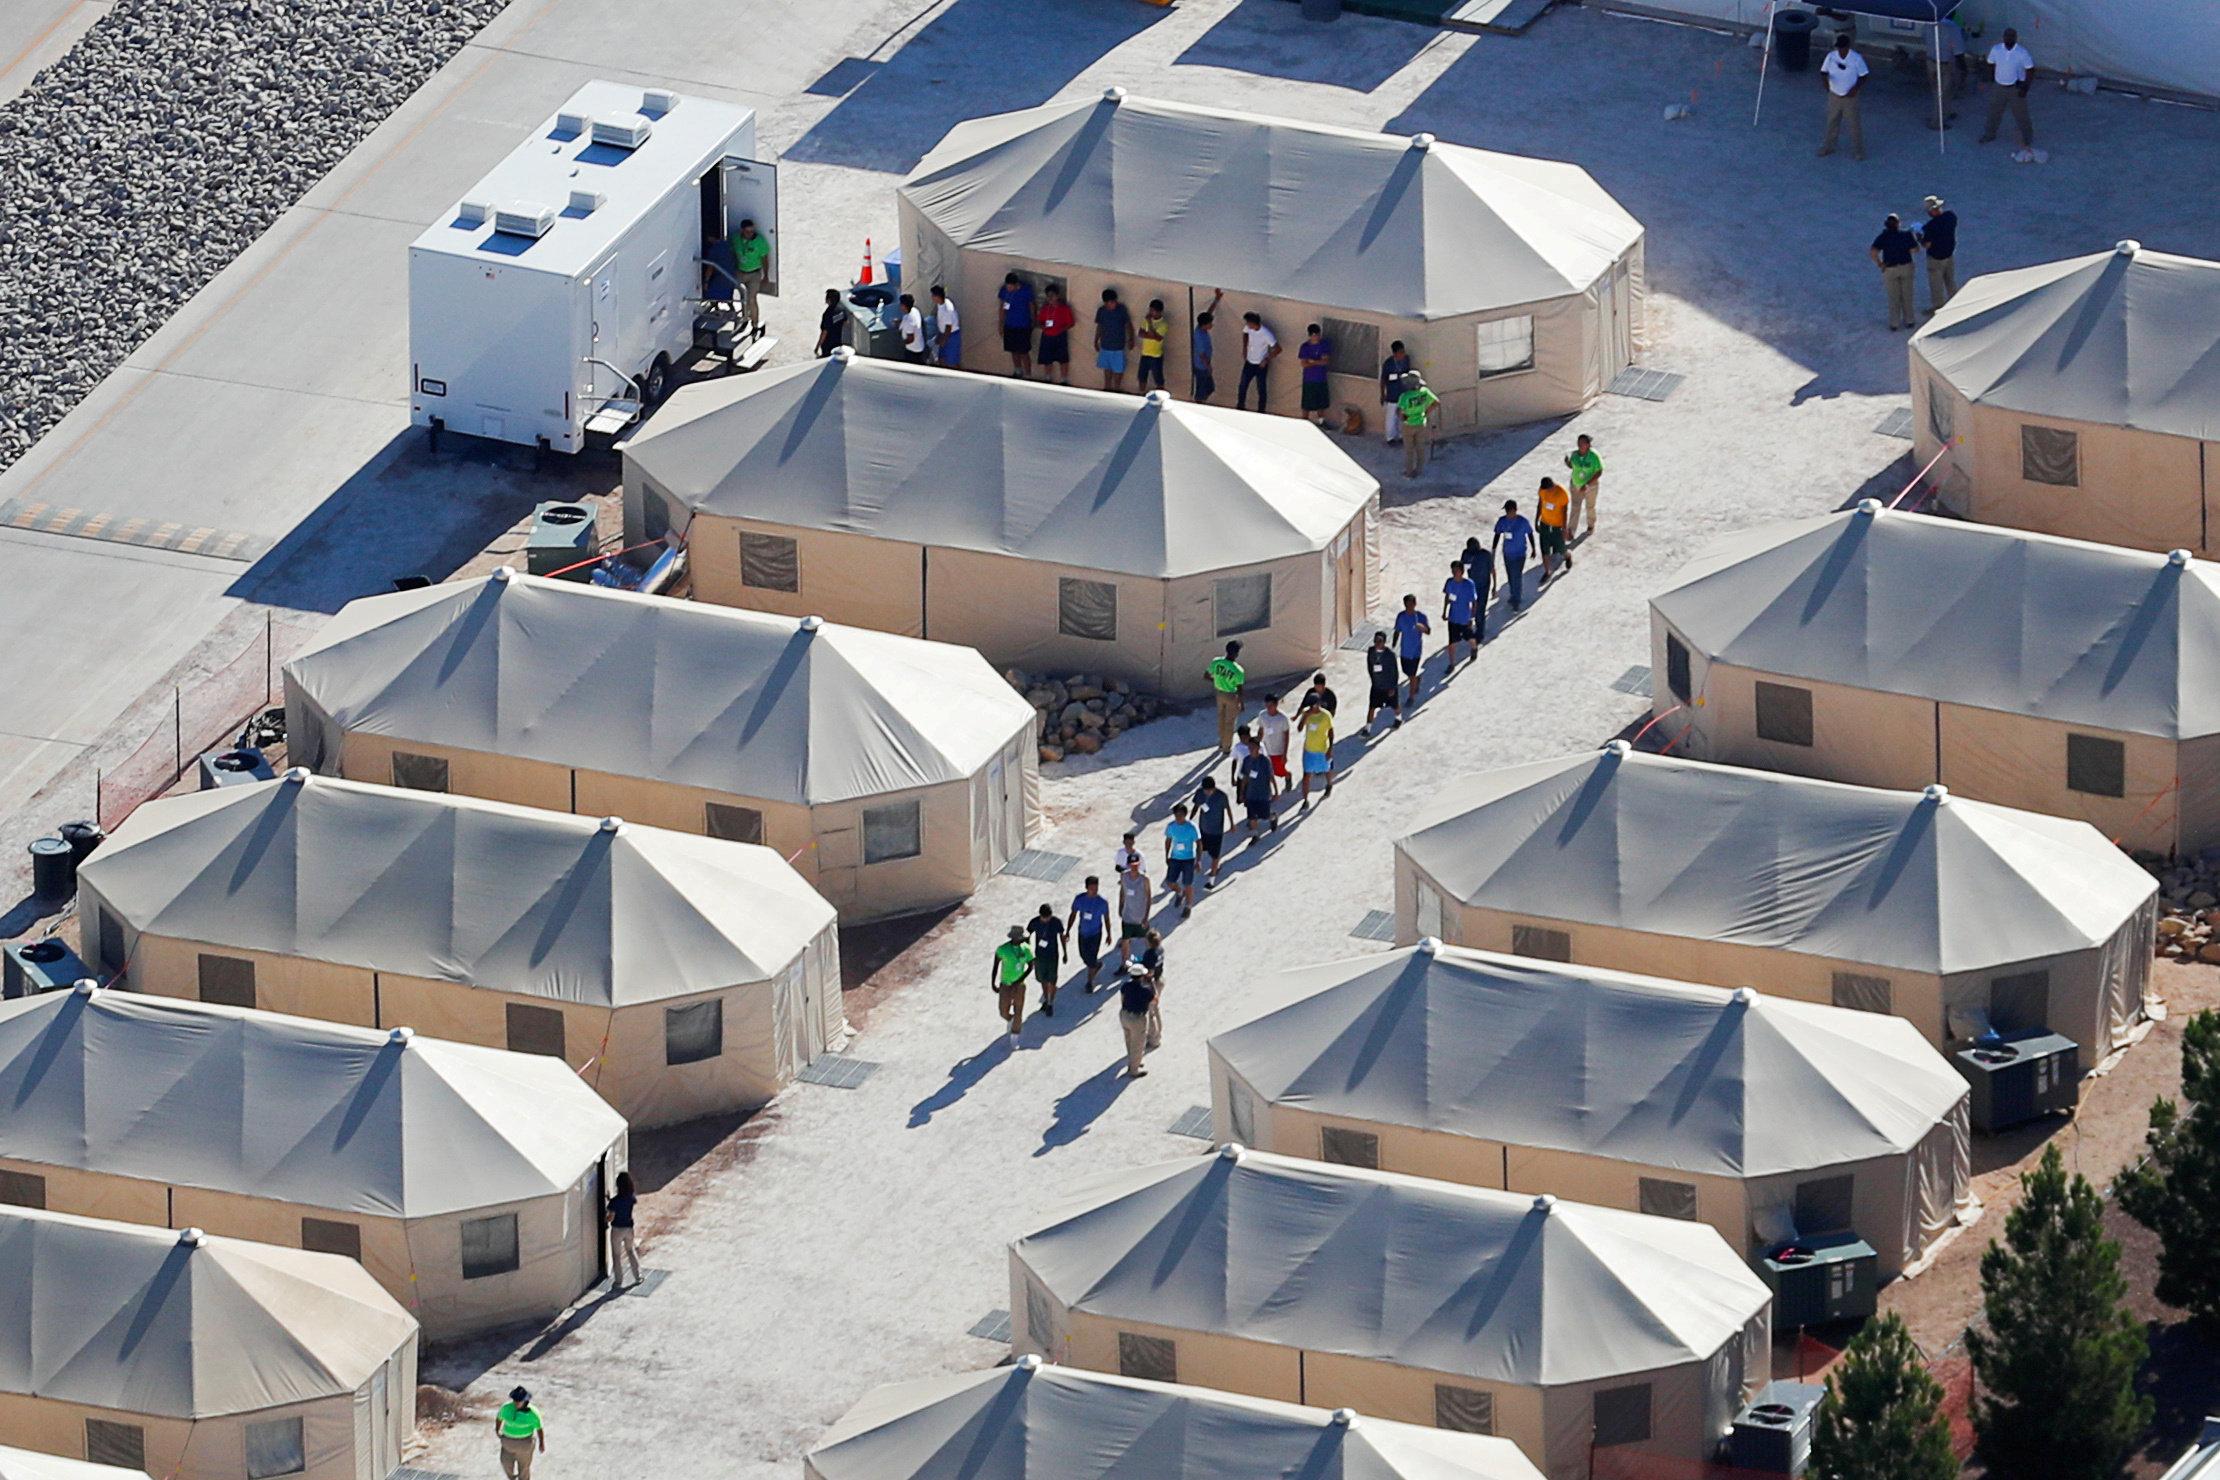 Στις ΗΠΑ του Τραμπ, παιδιά μεταφέρονται κρυφά στην έρημο του